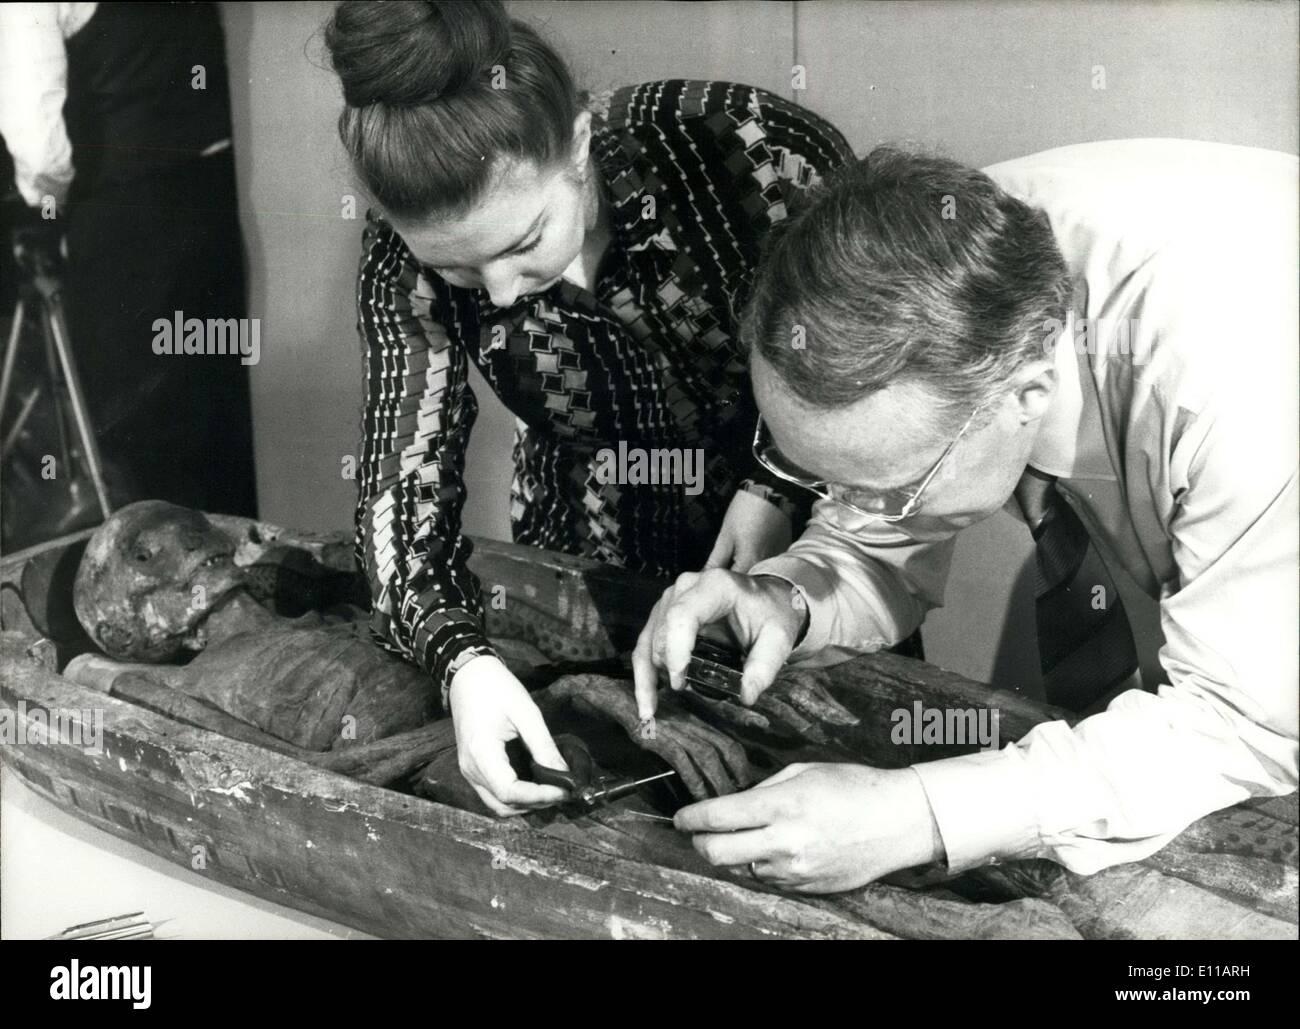 21. Juni 1976 - Toe Drucke helfen Manchester Polizei zu lösen das Rätsel der ASRU-The ägyptischen Mumie: 2.600 Jahre alten ägyptischen Mumie war Polizei mit ihren Anfragen helfen. Detektive nahm ihre Finger, Druckgeräte, University of Manchester, Arzt Rosalie David unterstützen und Ägyptologe, erfahren mehr über das Leben und die Zeiten von ASRU, ein winziges, dünne Frau die Tänzerin in der ägyptischen 25. Dynastie gewesen sein soll. Aber das Team von Finger-print-Experten unter der Leitung von Chief Inspector, Tony Fletcher, fühlen Sie sich sicher - ASRU war nie eine Tänzerin Stockbild